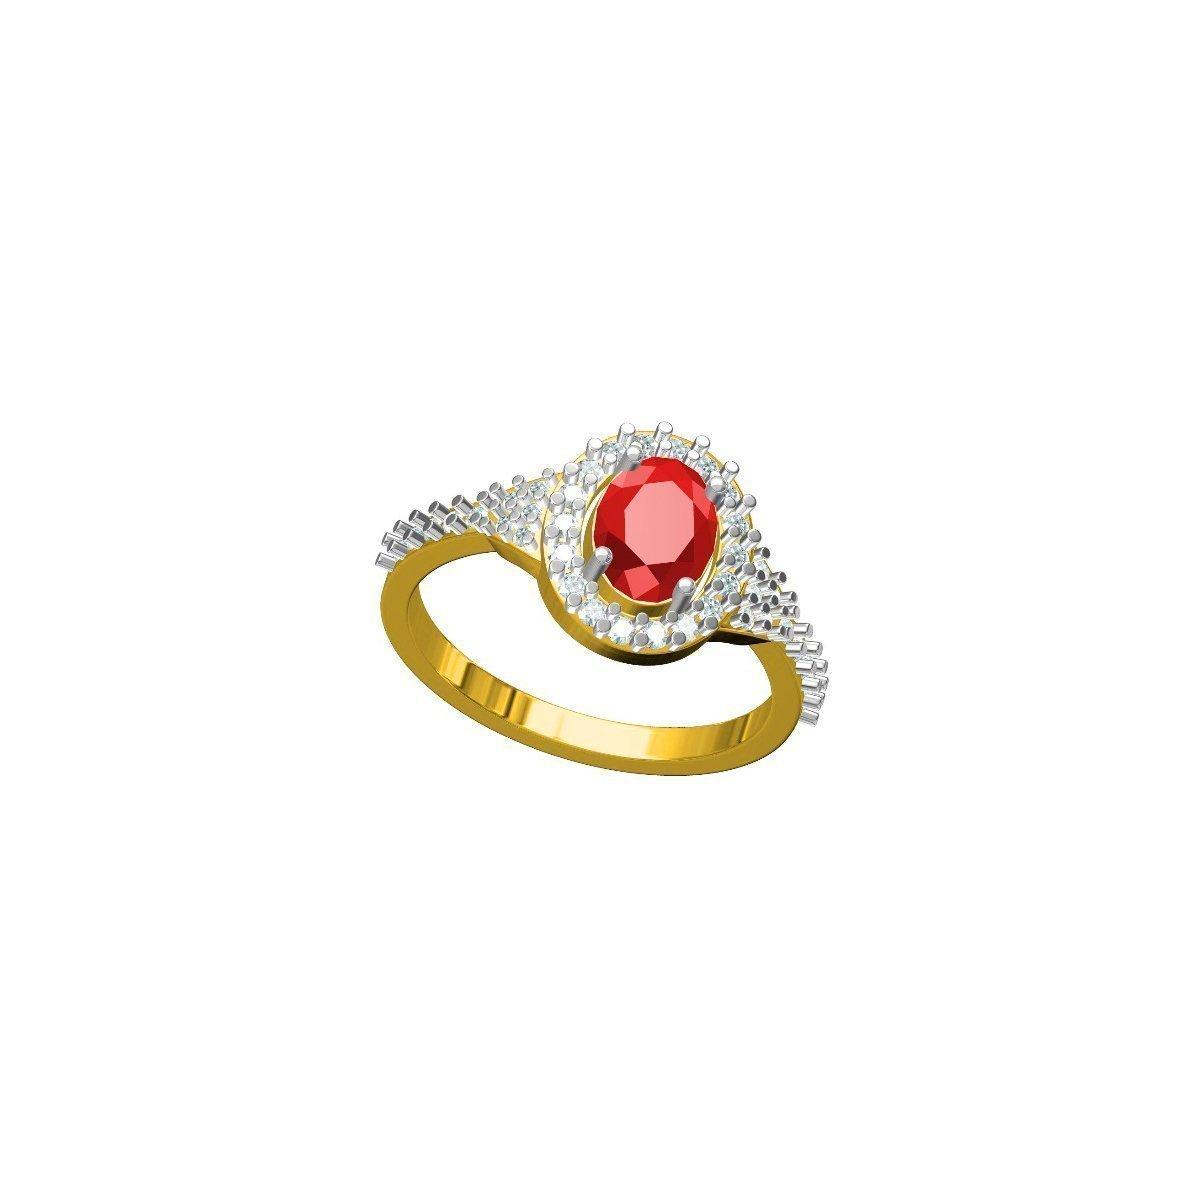 Maroon Star Ring